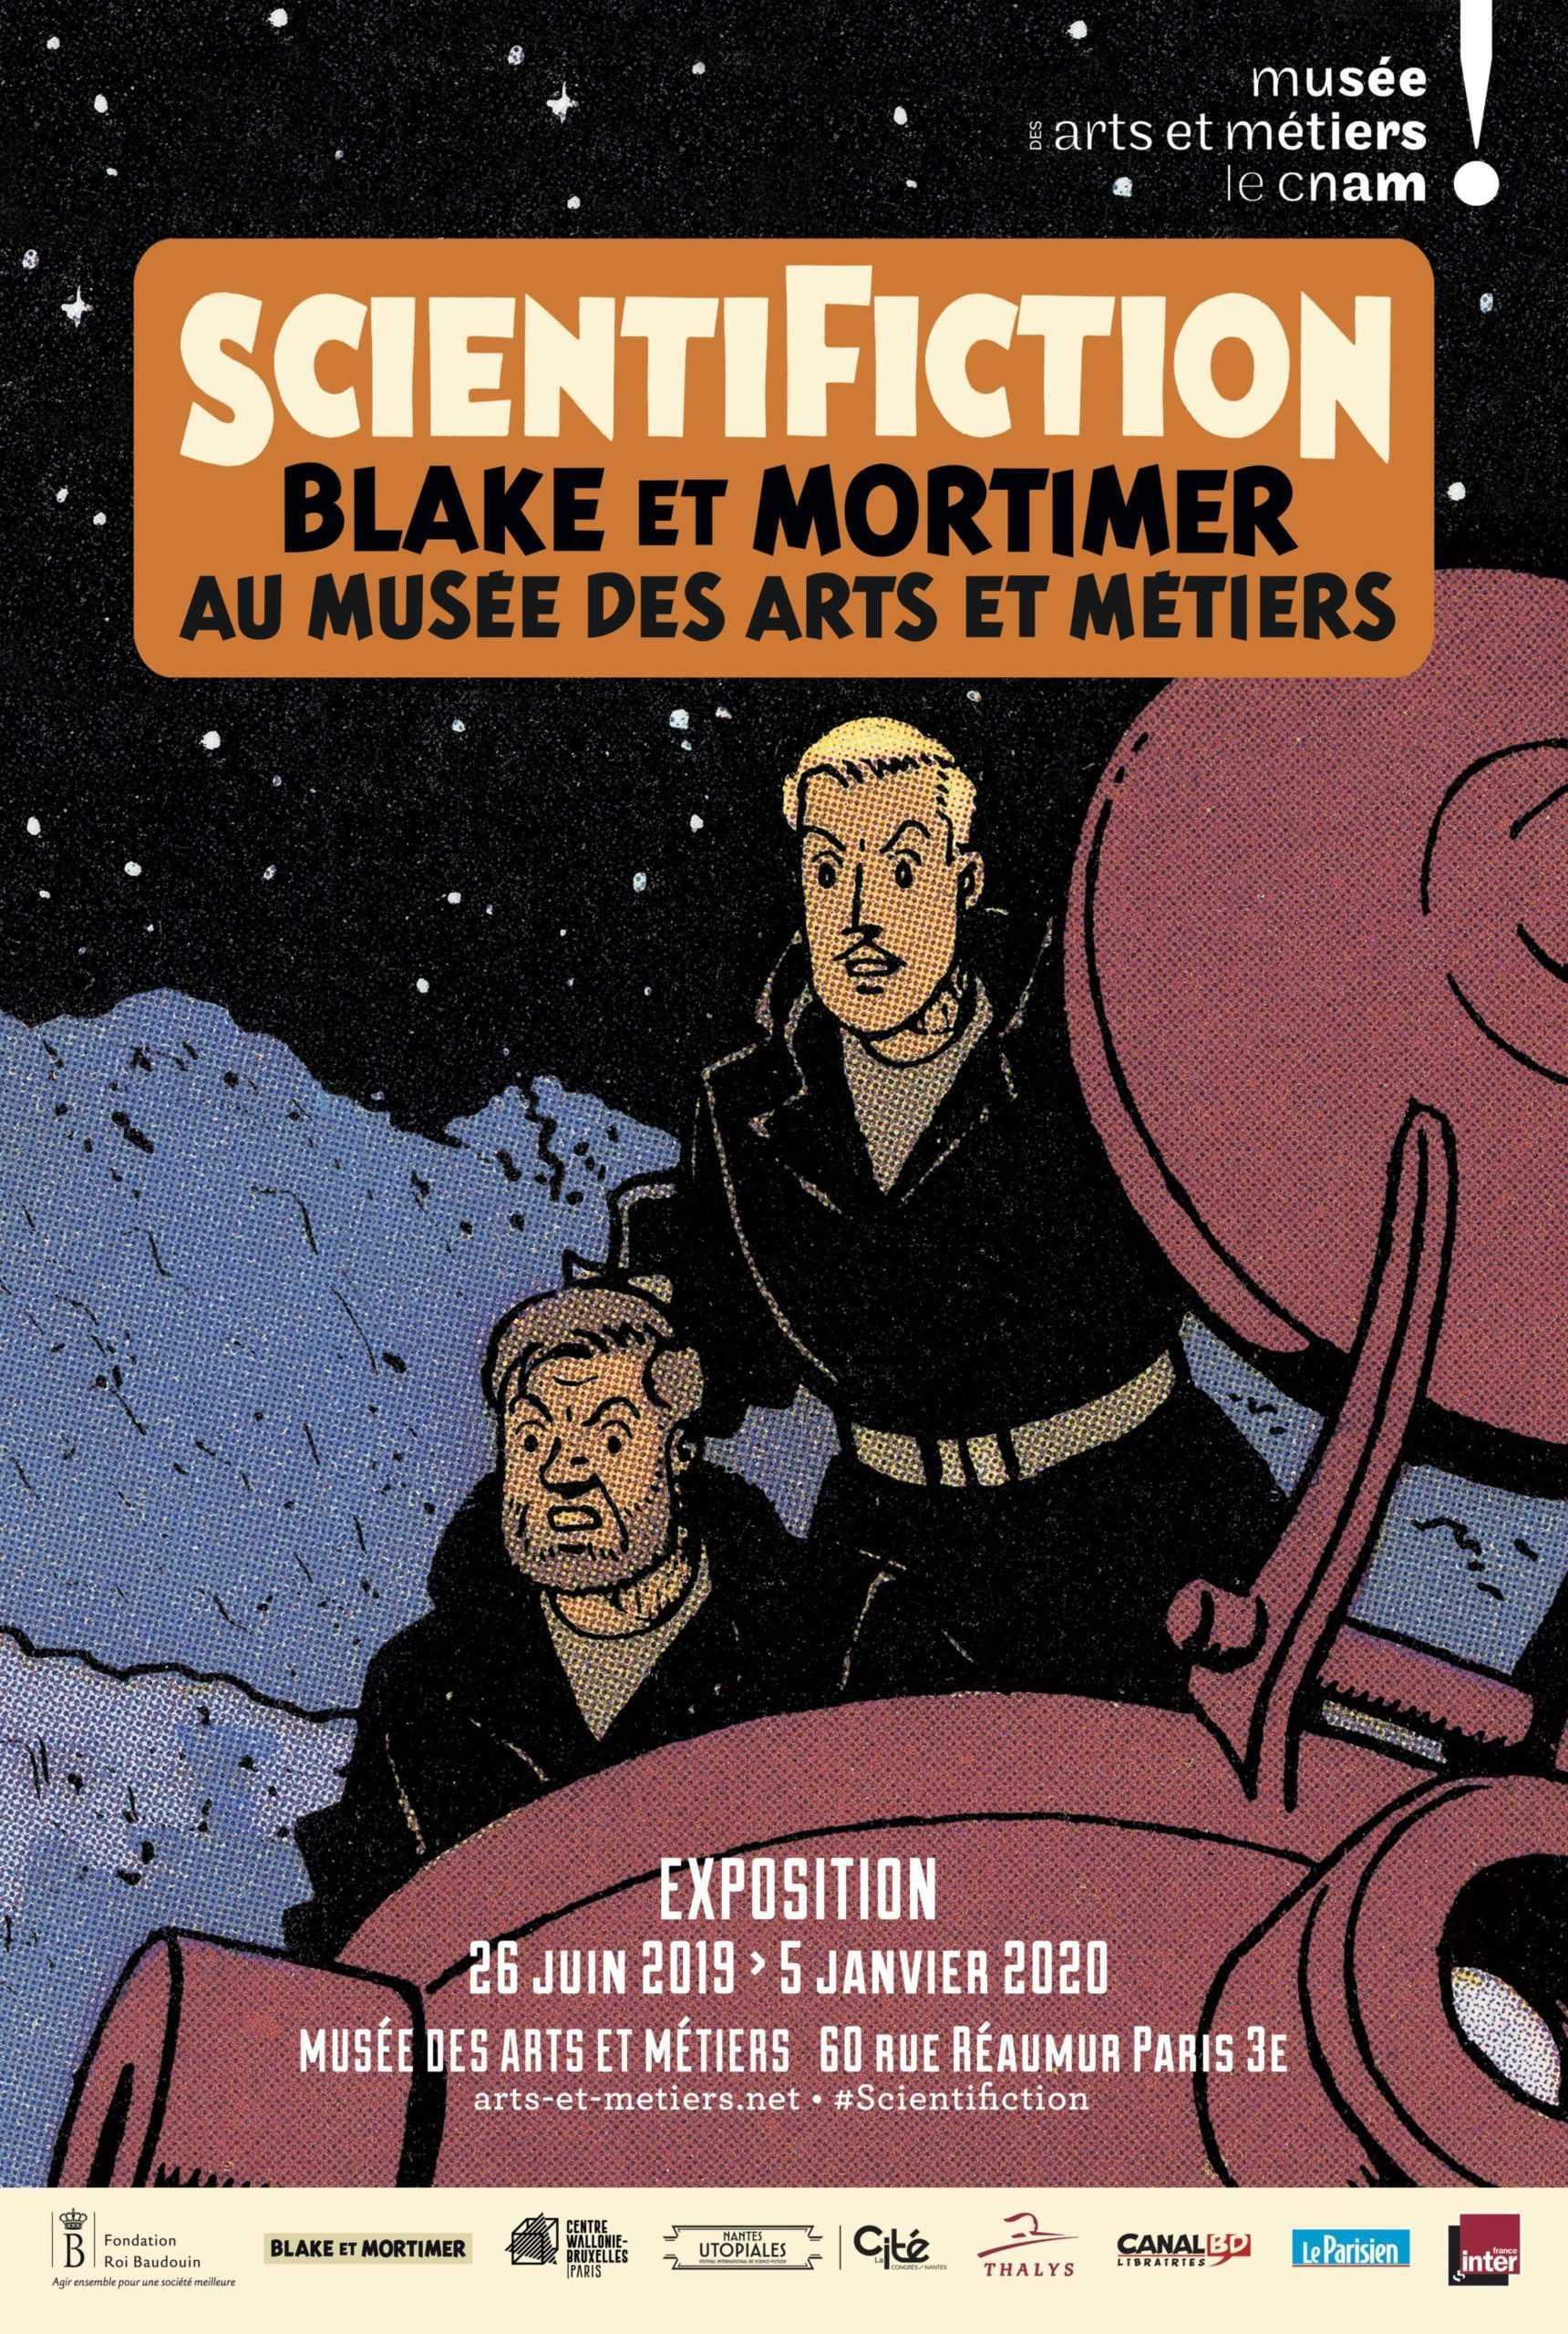 Scientifiction, Blake et Mortimer au musée des Arts et Métiers pour une exposition exceptionnelle dès le 26 juin 2019